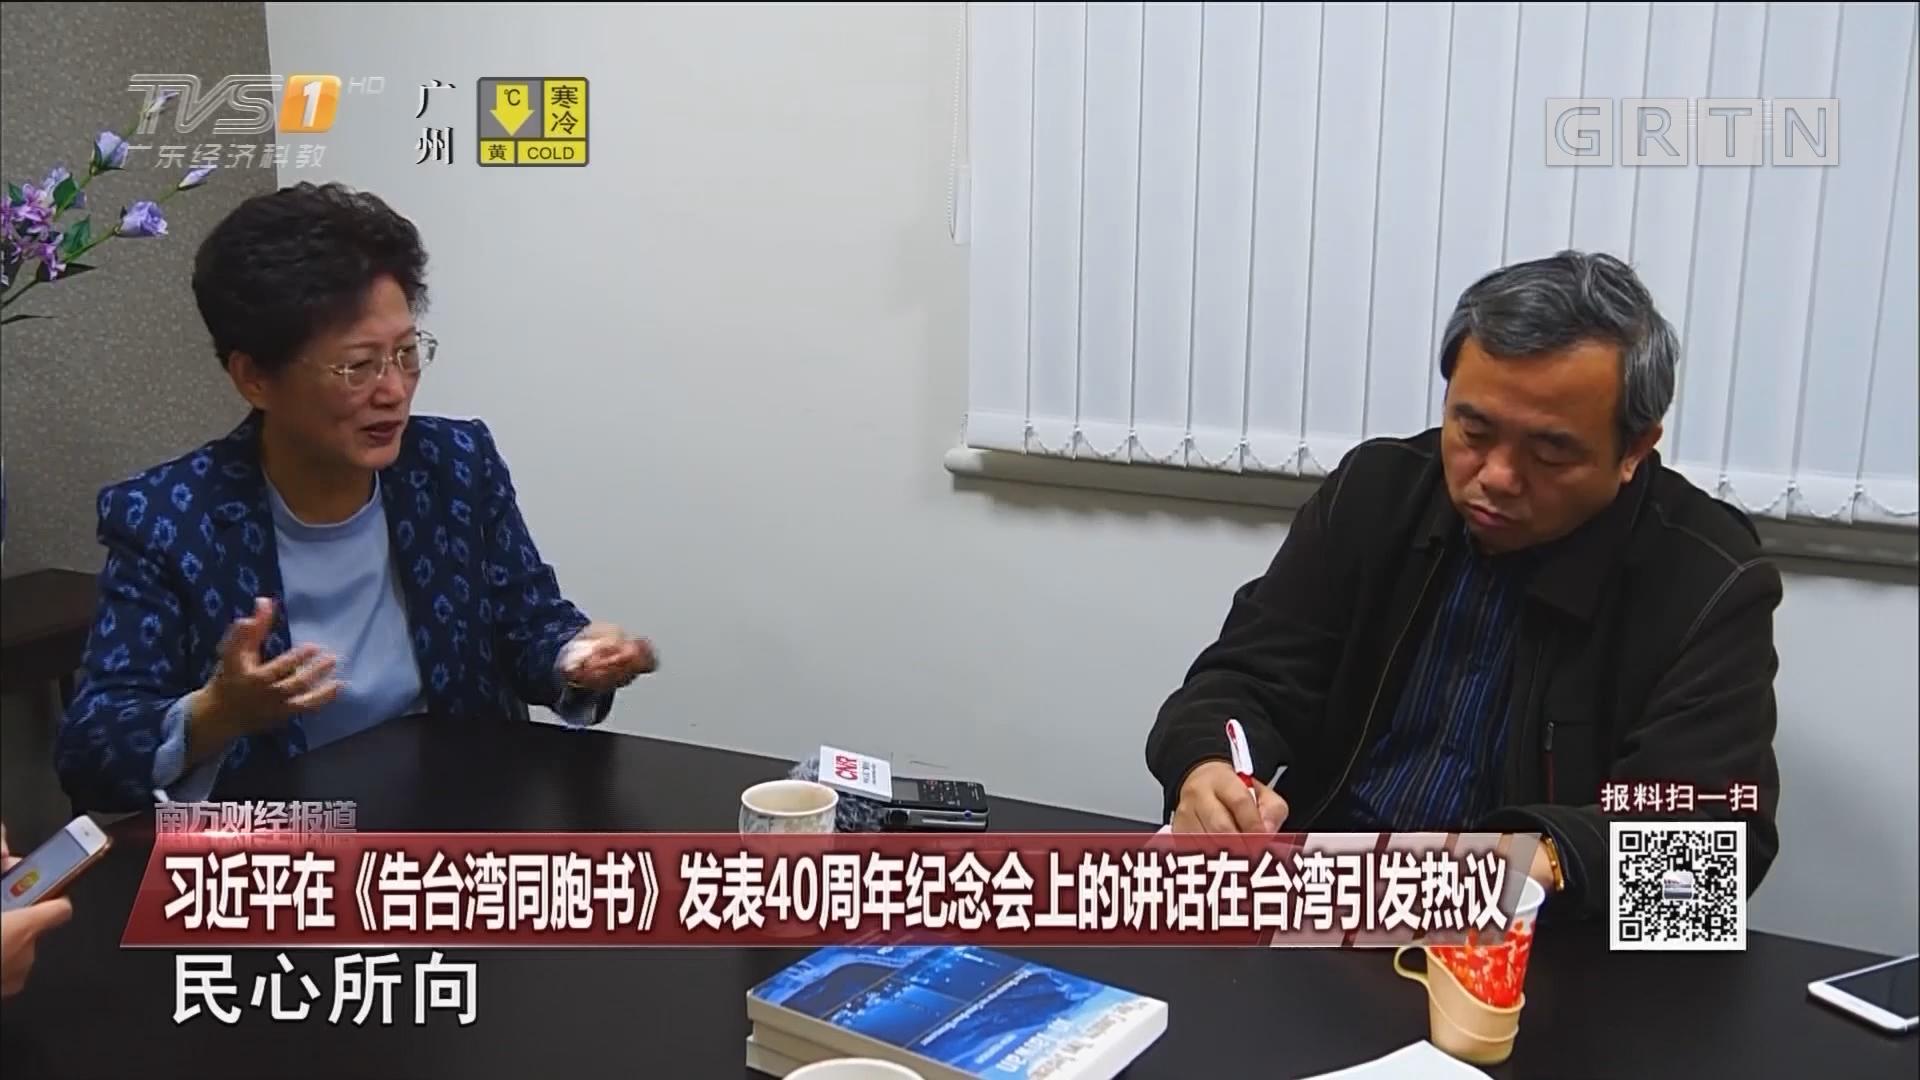 习近平在《告台湾同胞书》发表40周年纪念会上的讲话在台湾引发热议